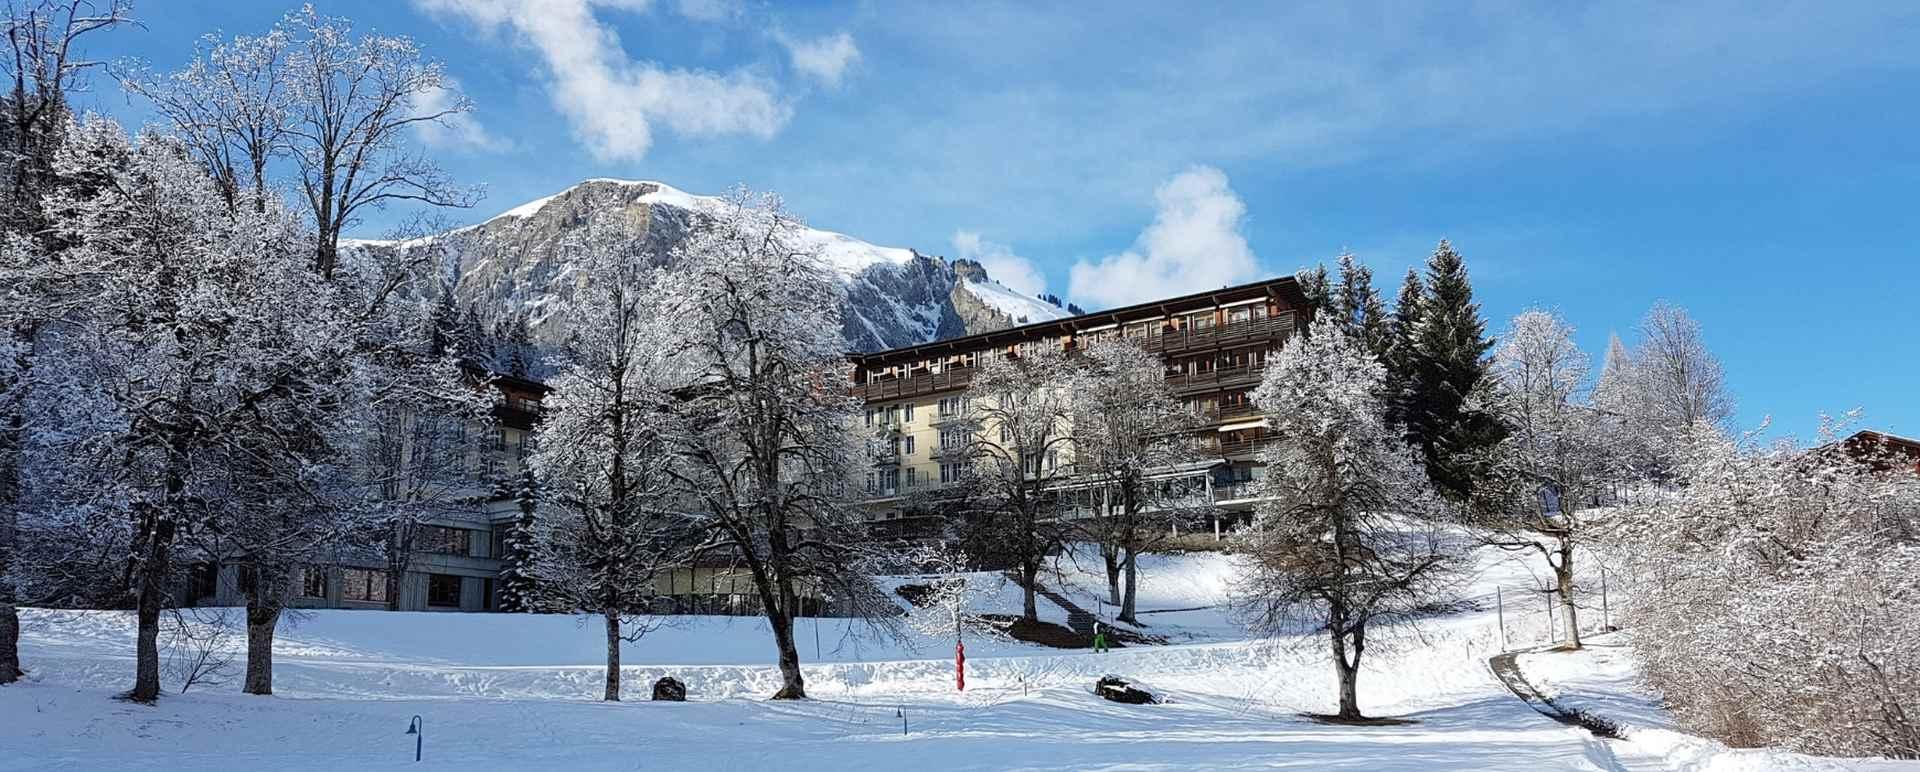 Das Hotel Lenkerhof im schweizerischen Simmental